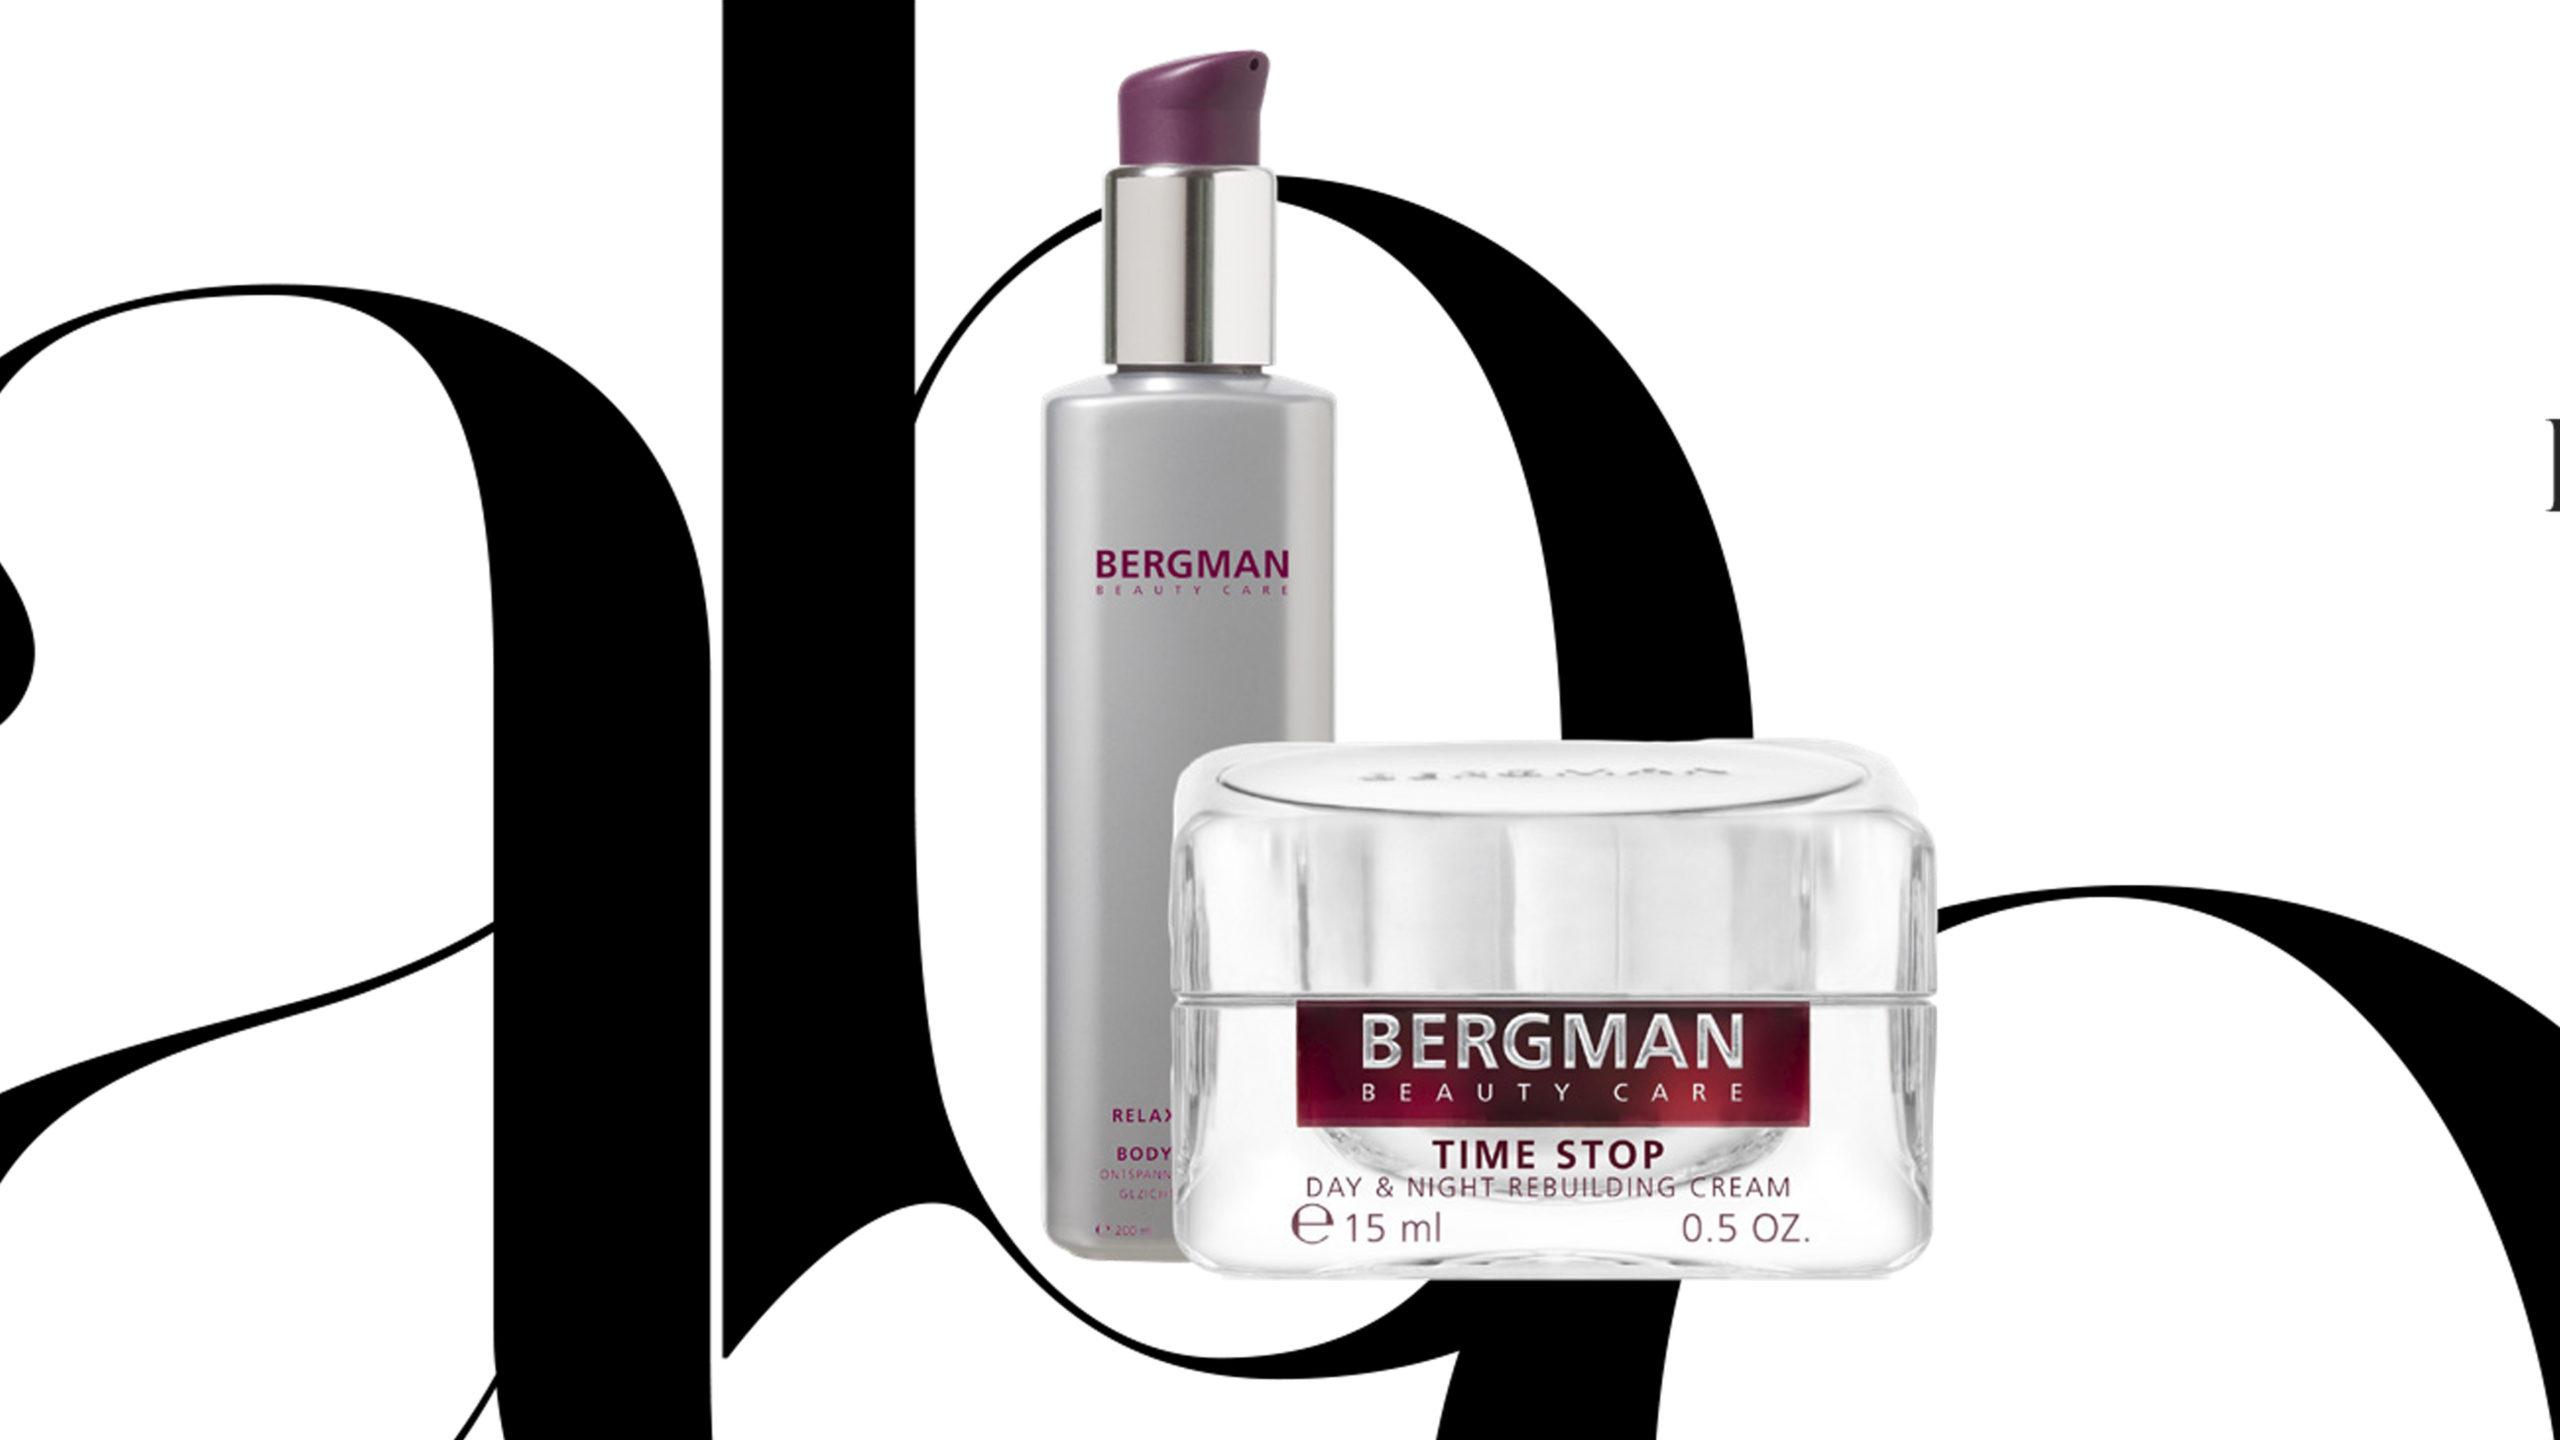 Aboactie Bergman-pakket